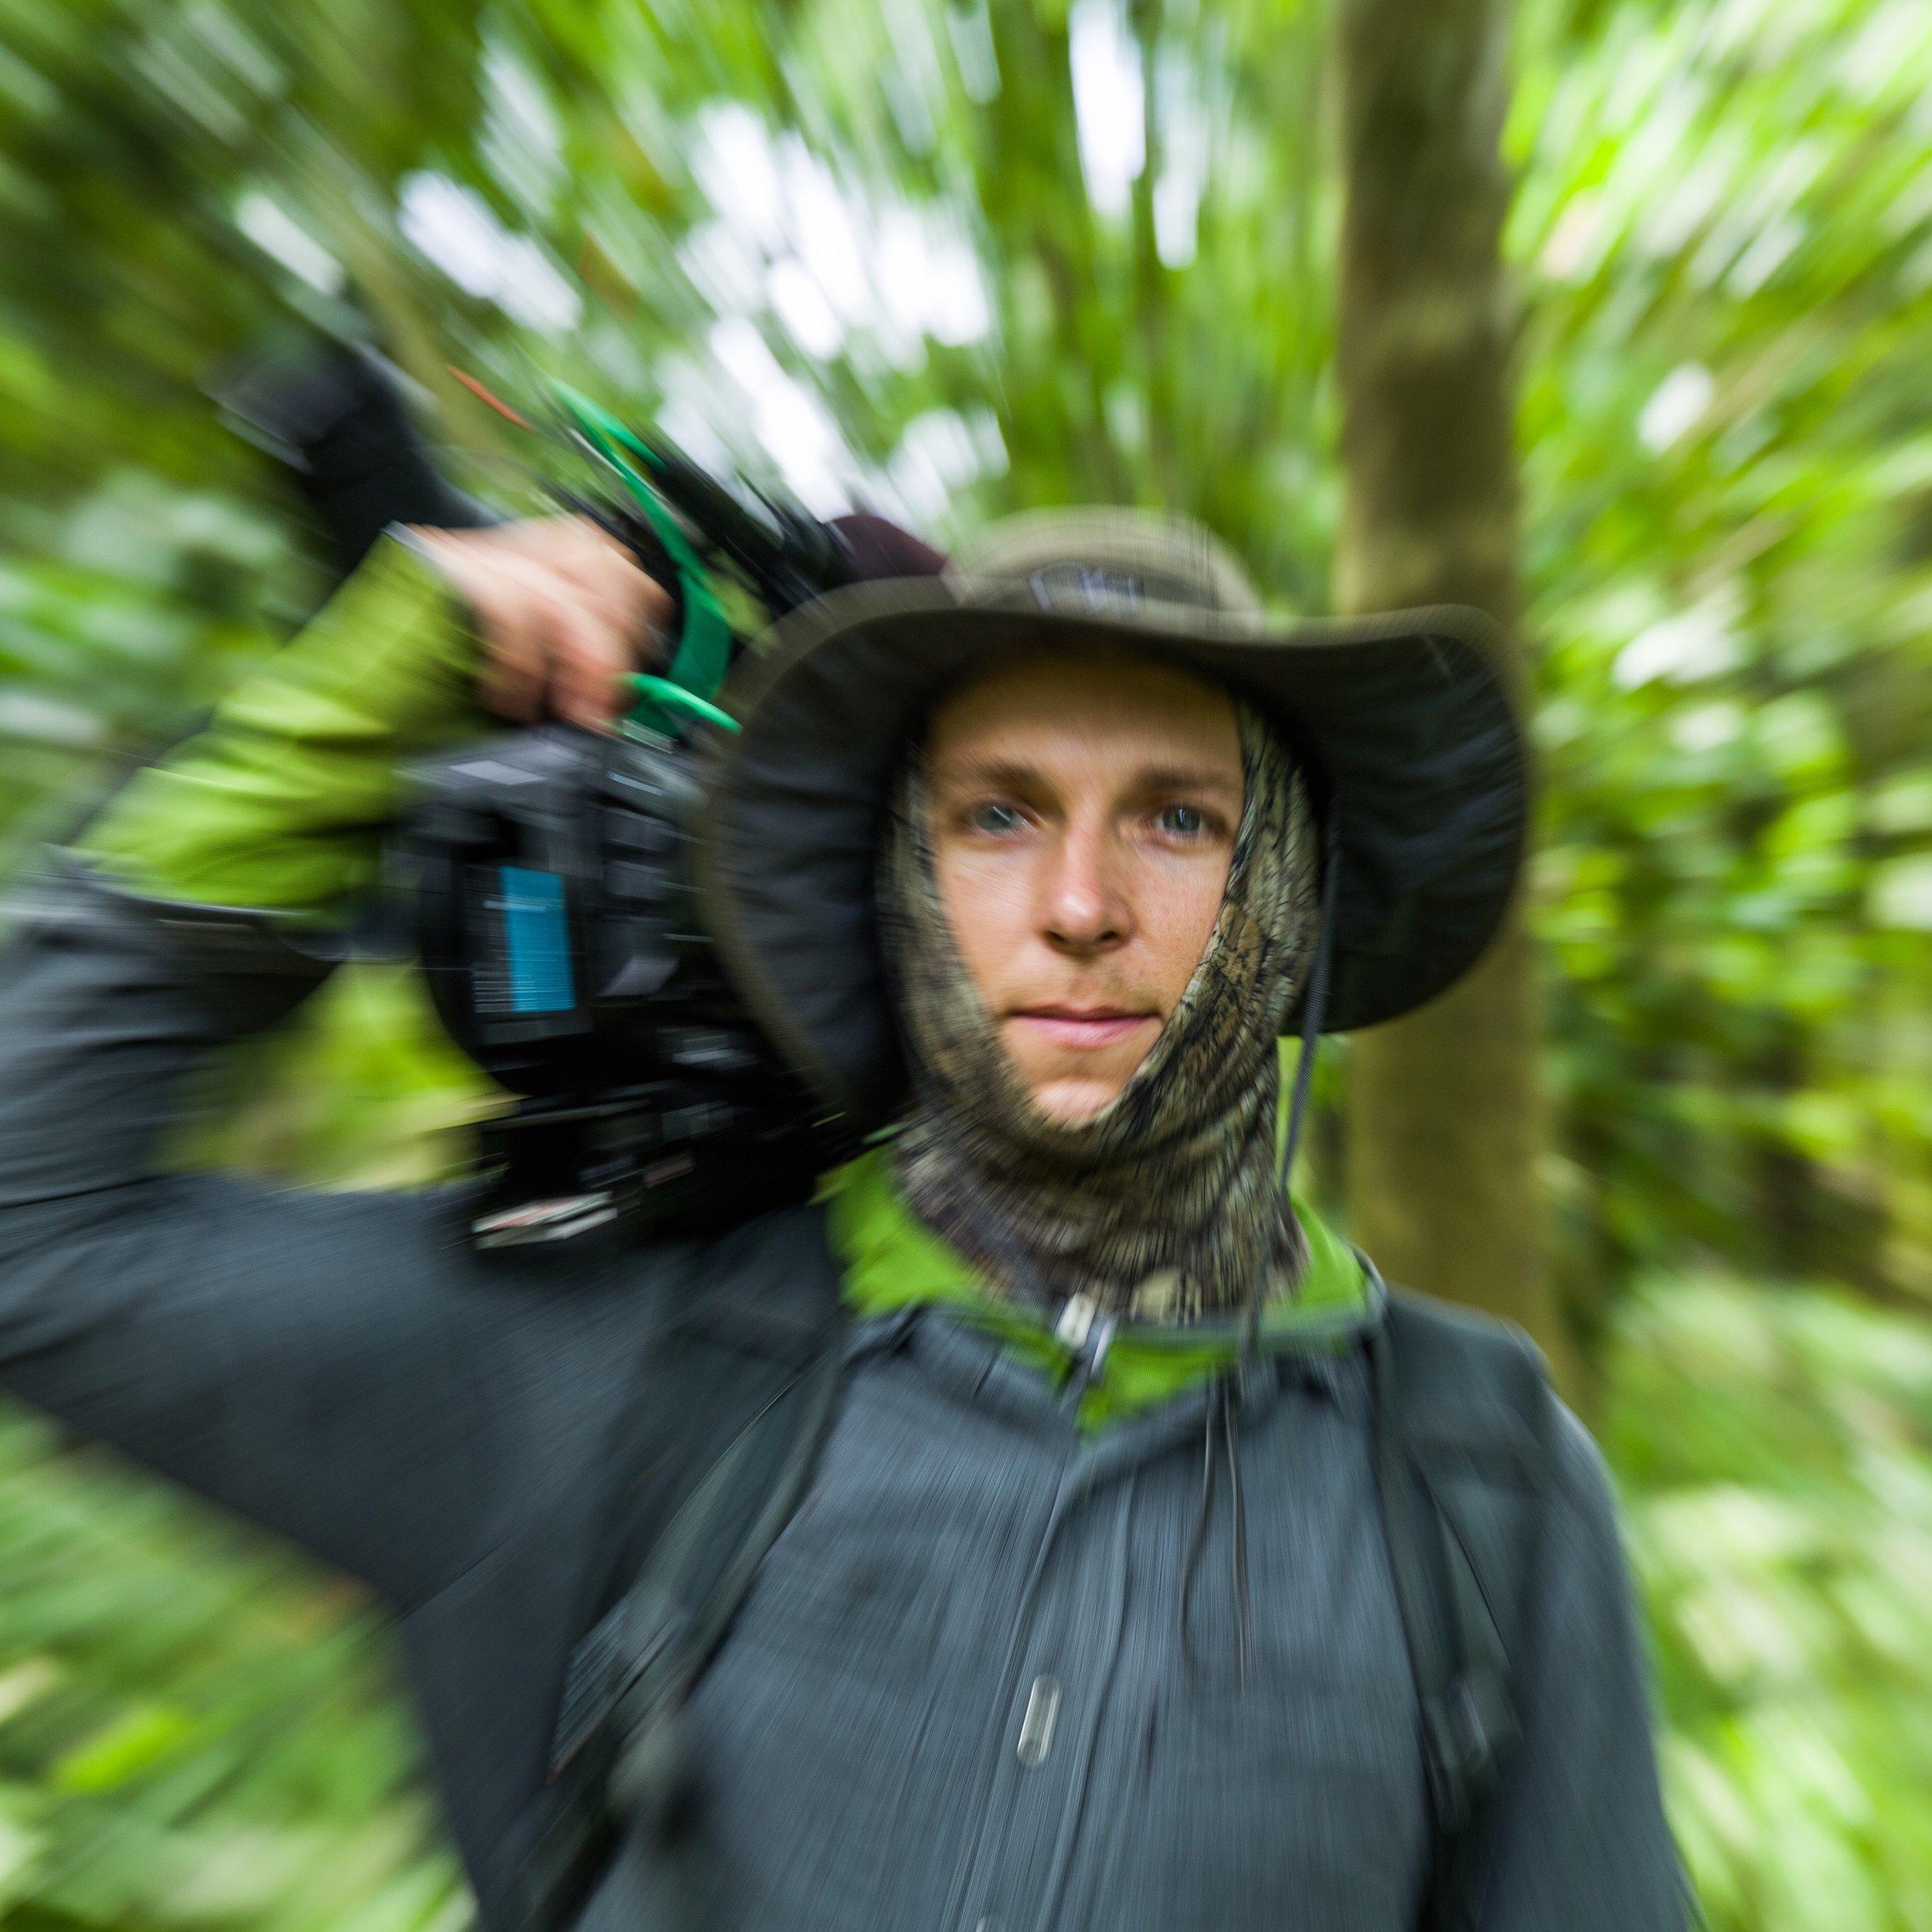 DANIEL SCHMIDT | CINEMATOGRAPHER